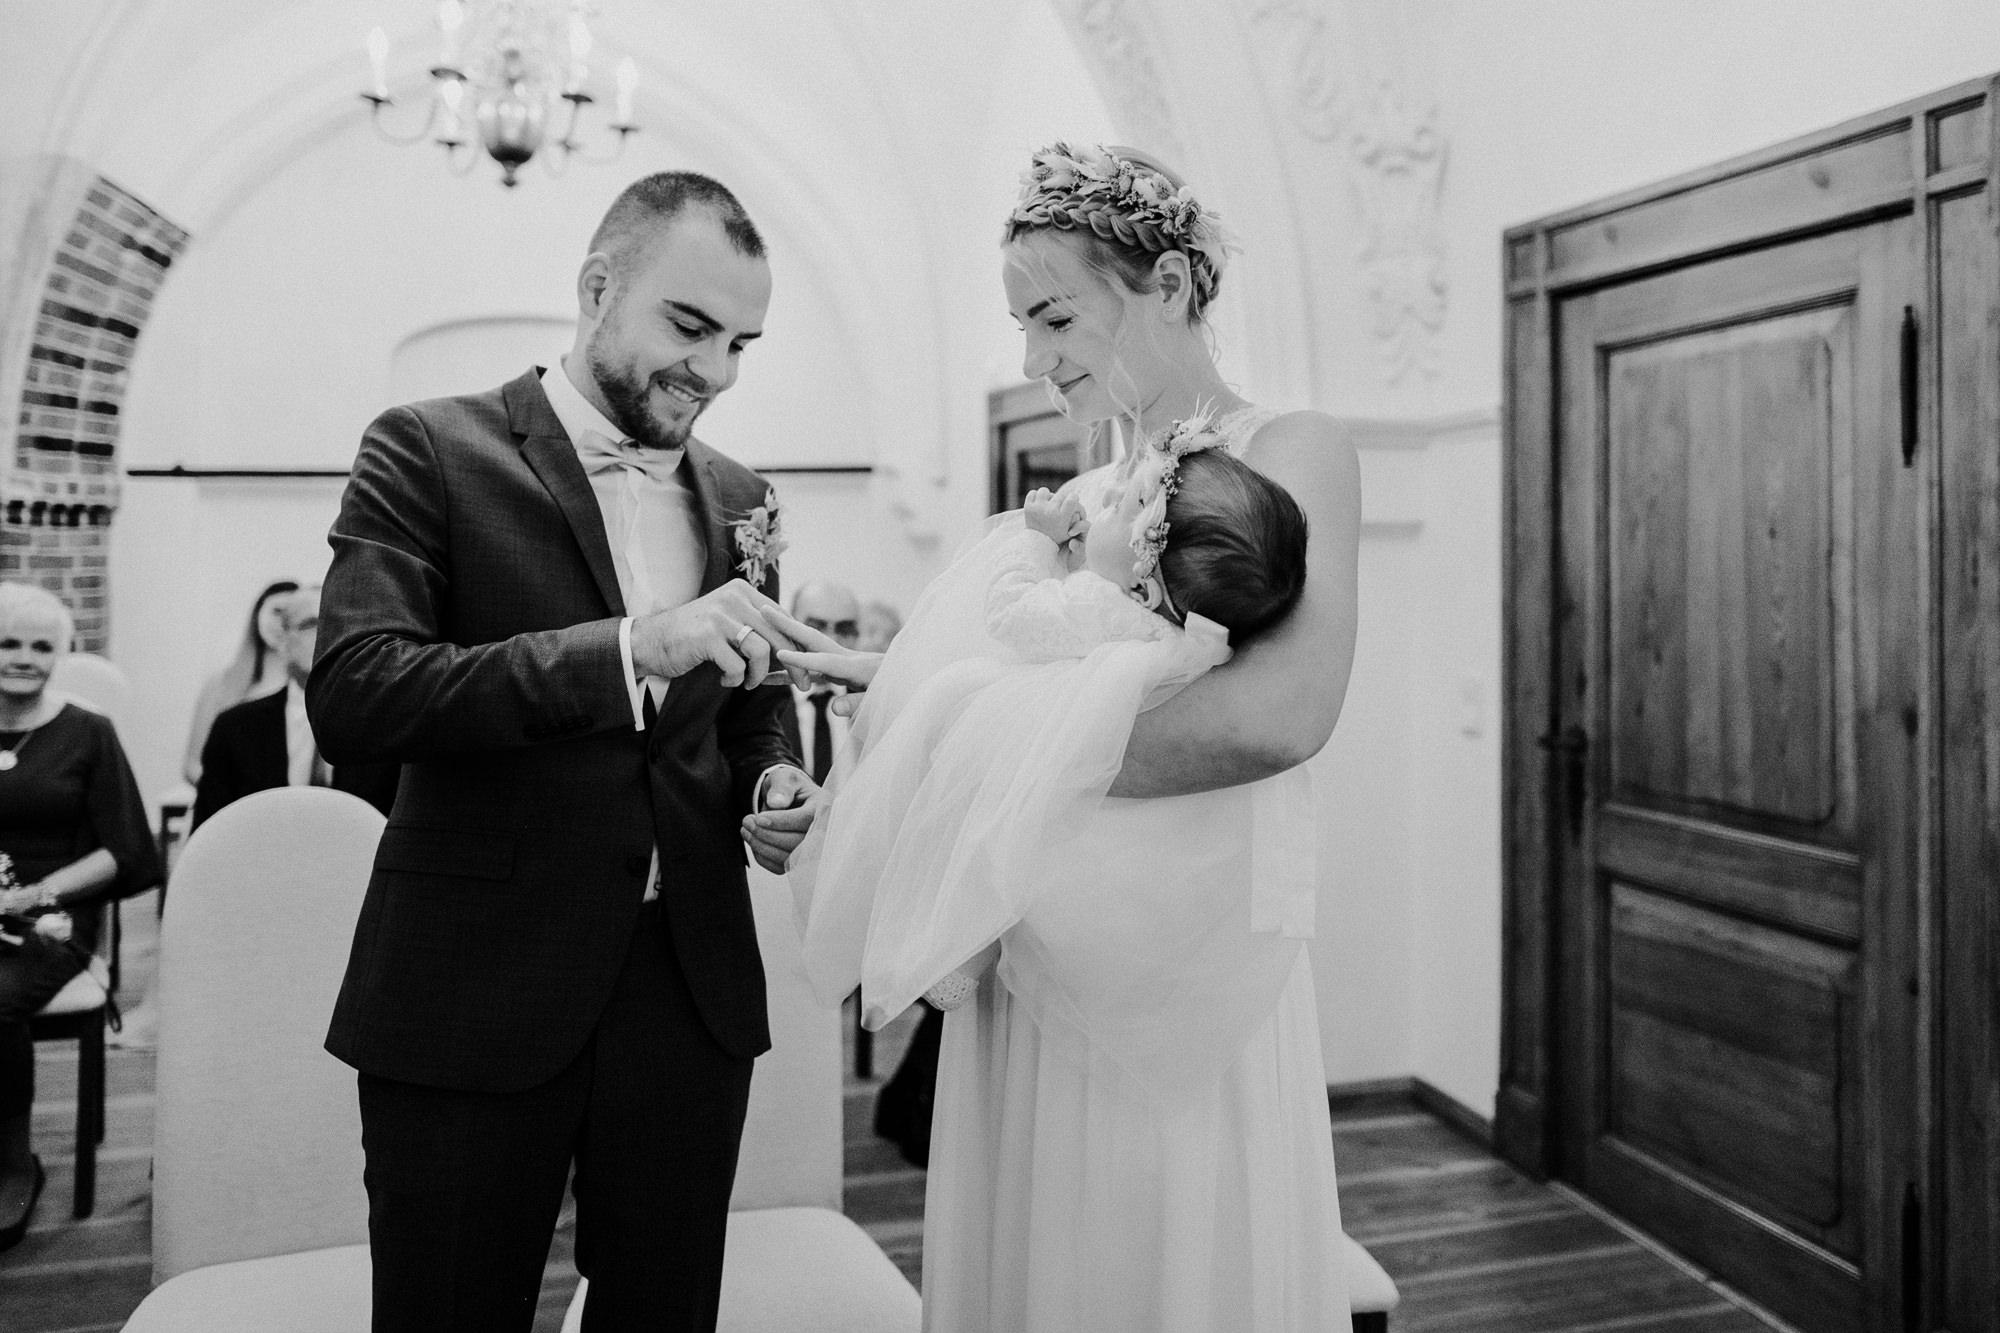 Hochzeit im Standesamt Stralsund - Heiraten an der Ostsee auf Rügen - Hochzeitsfotografie - Hochzeitsfeier Minimanufaktur Parow